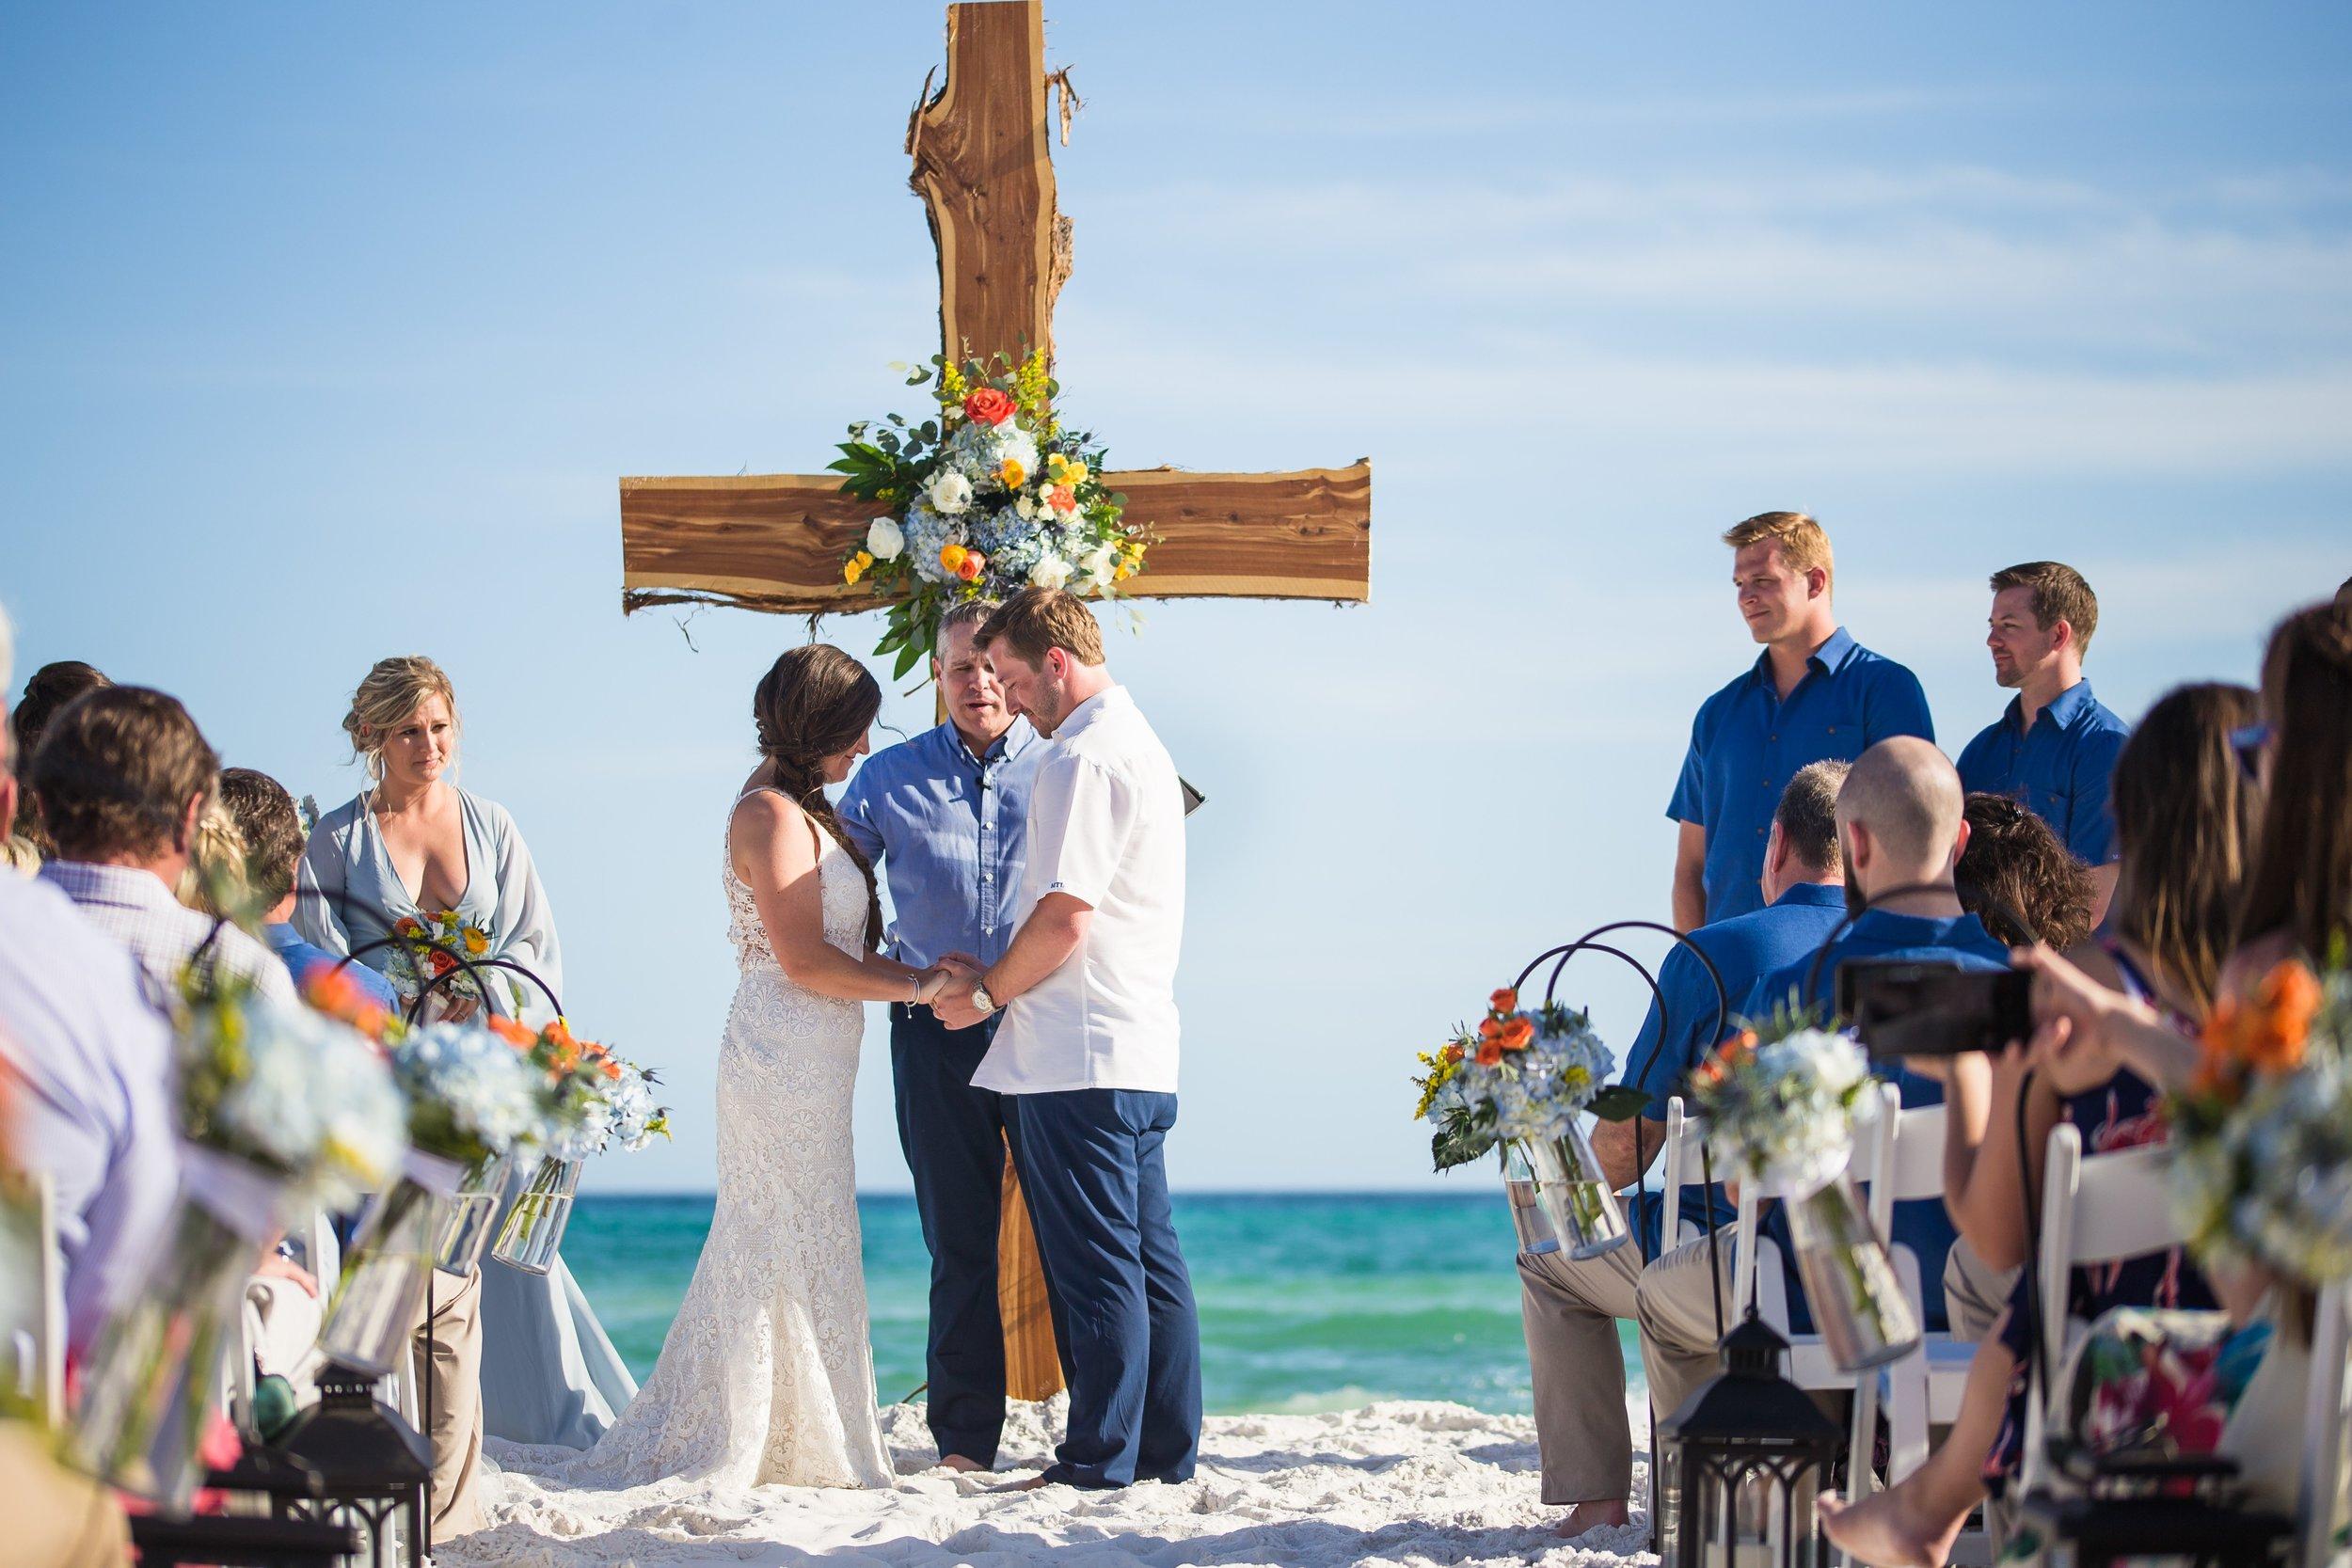 30a-Destin-Florida-Wedding-Photography-Caydee-Matt_027.jpg